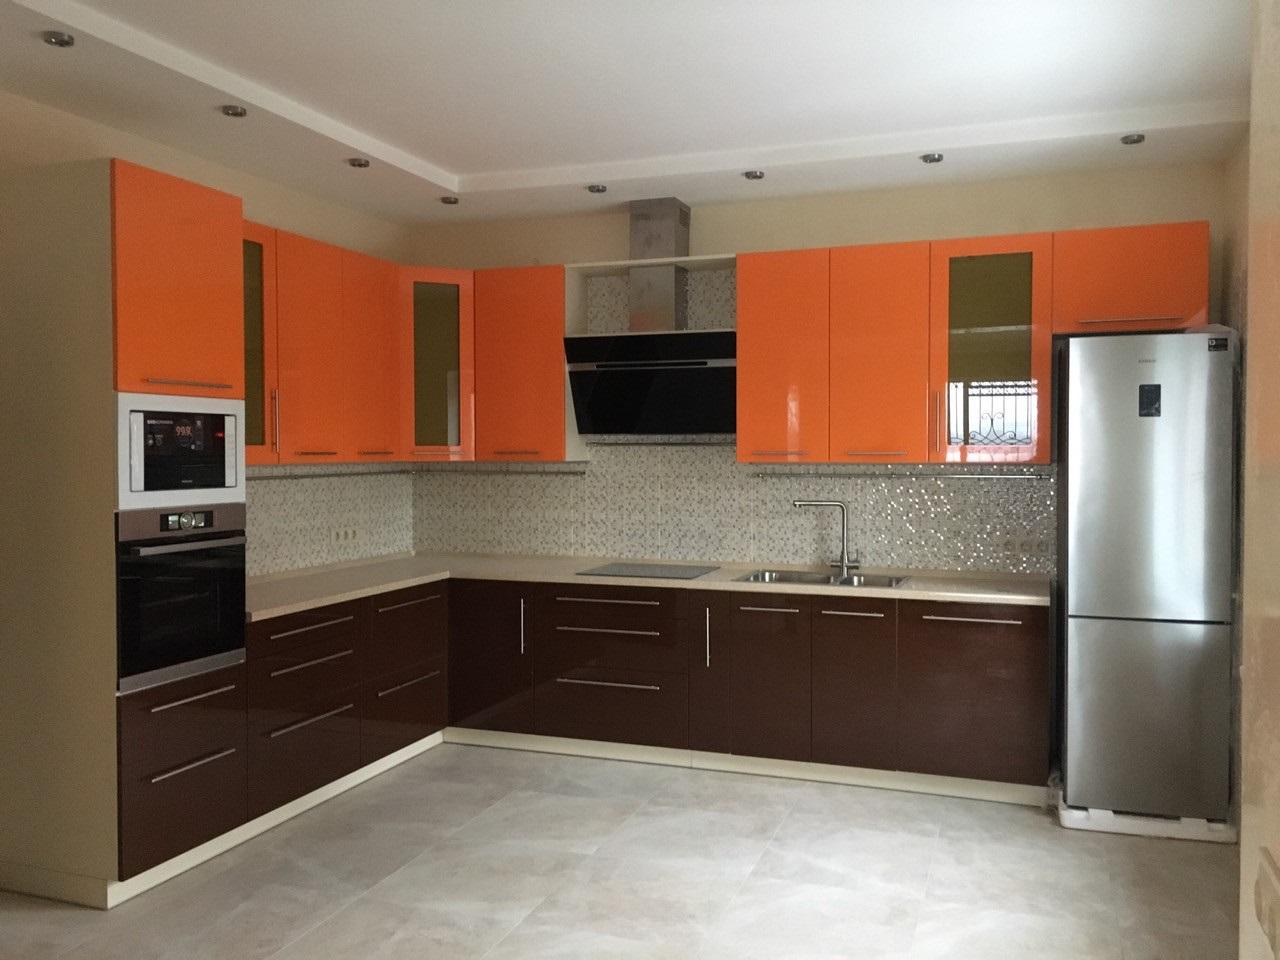 комбинирование оранжевого с коричневым на кухне